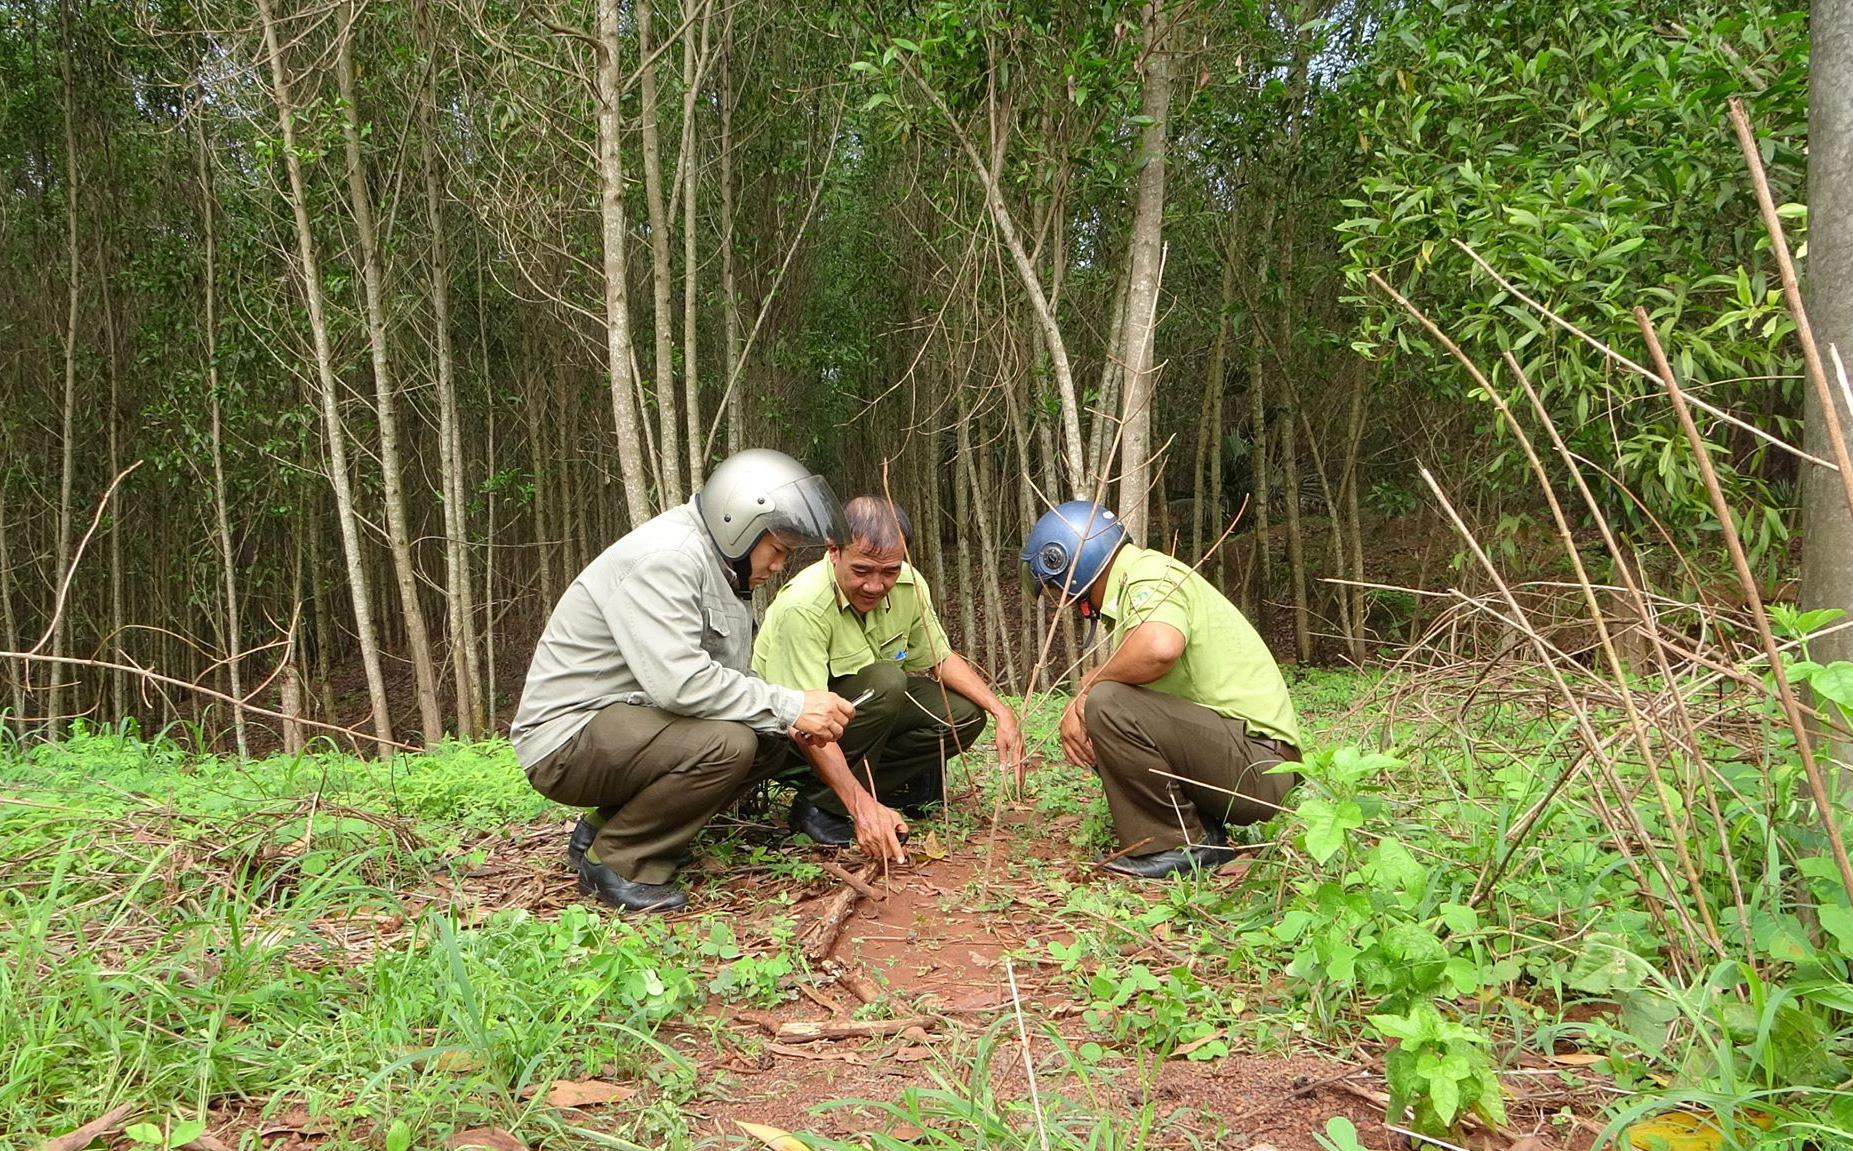 Tìm thấy dấu chân chó tại nơi 2 con báo đen nghi xuất hiện ở giáp ranh 3 xã tại tỉnh Đồng Nai